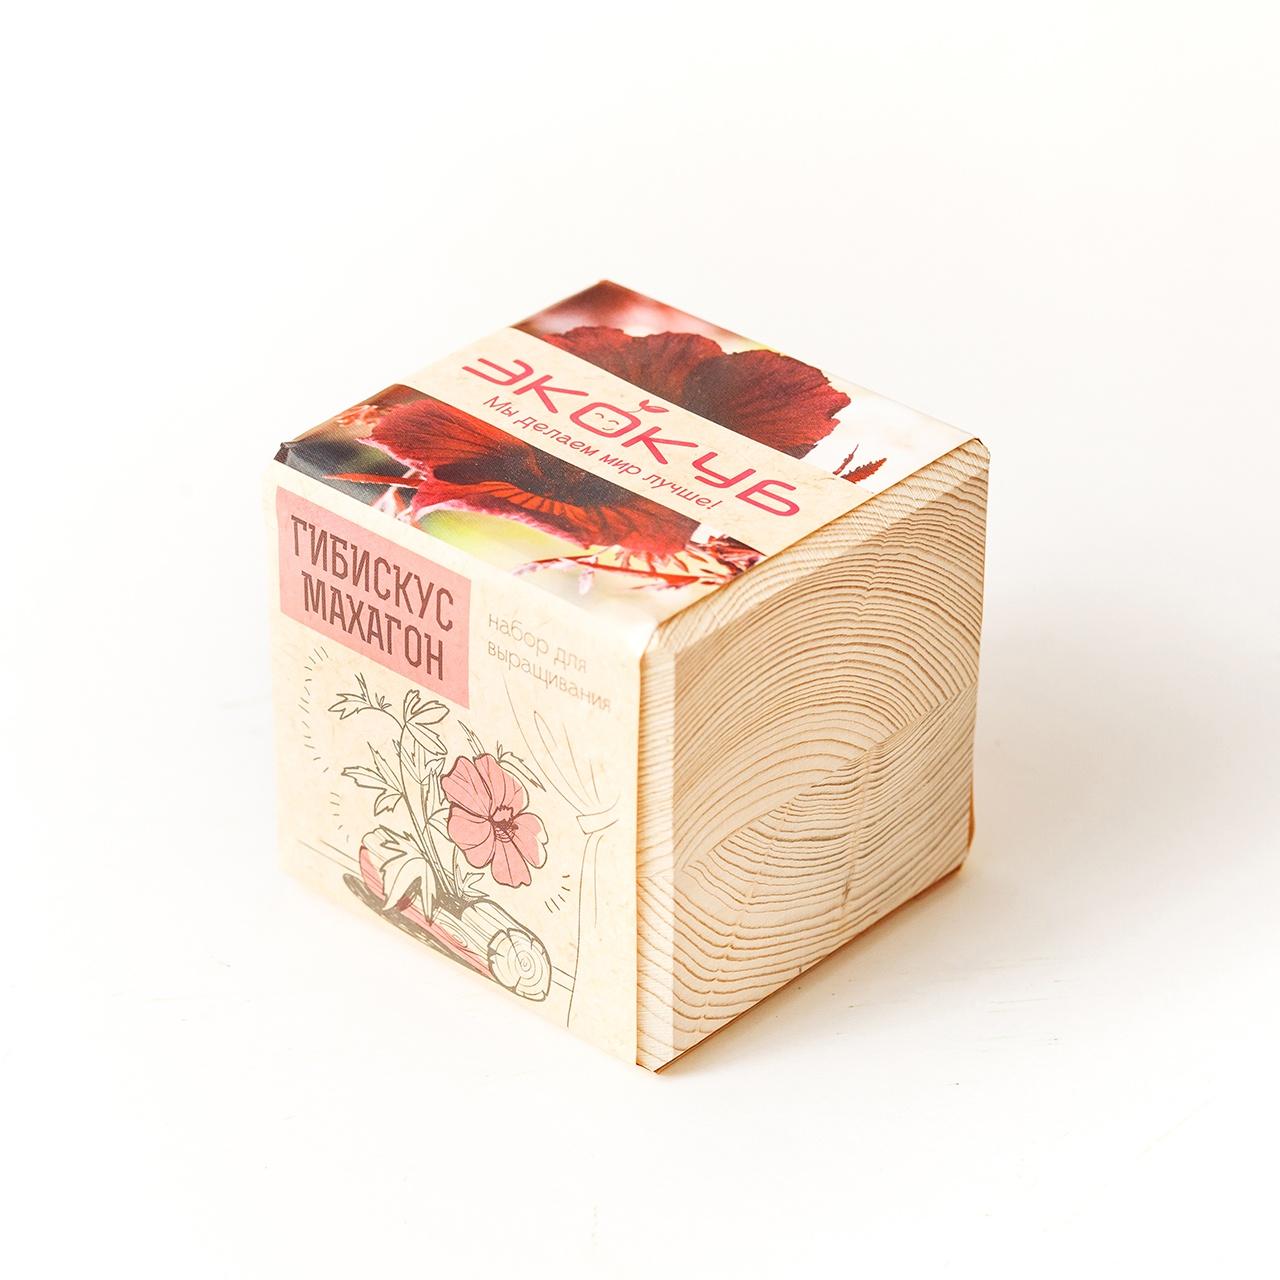 Набор для выращивания Экокуб Гибискус Махагон набор для опытов и экспериментов набор для выращивания экокуб базилик